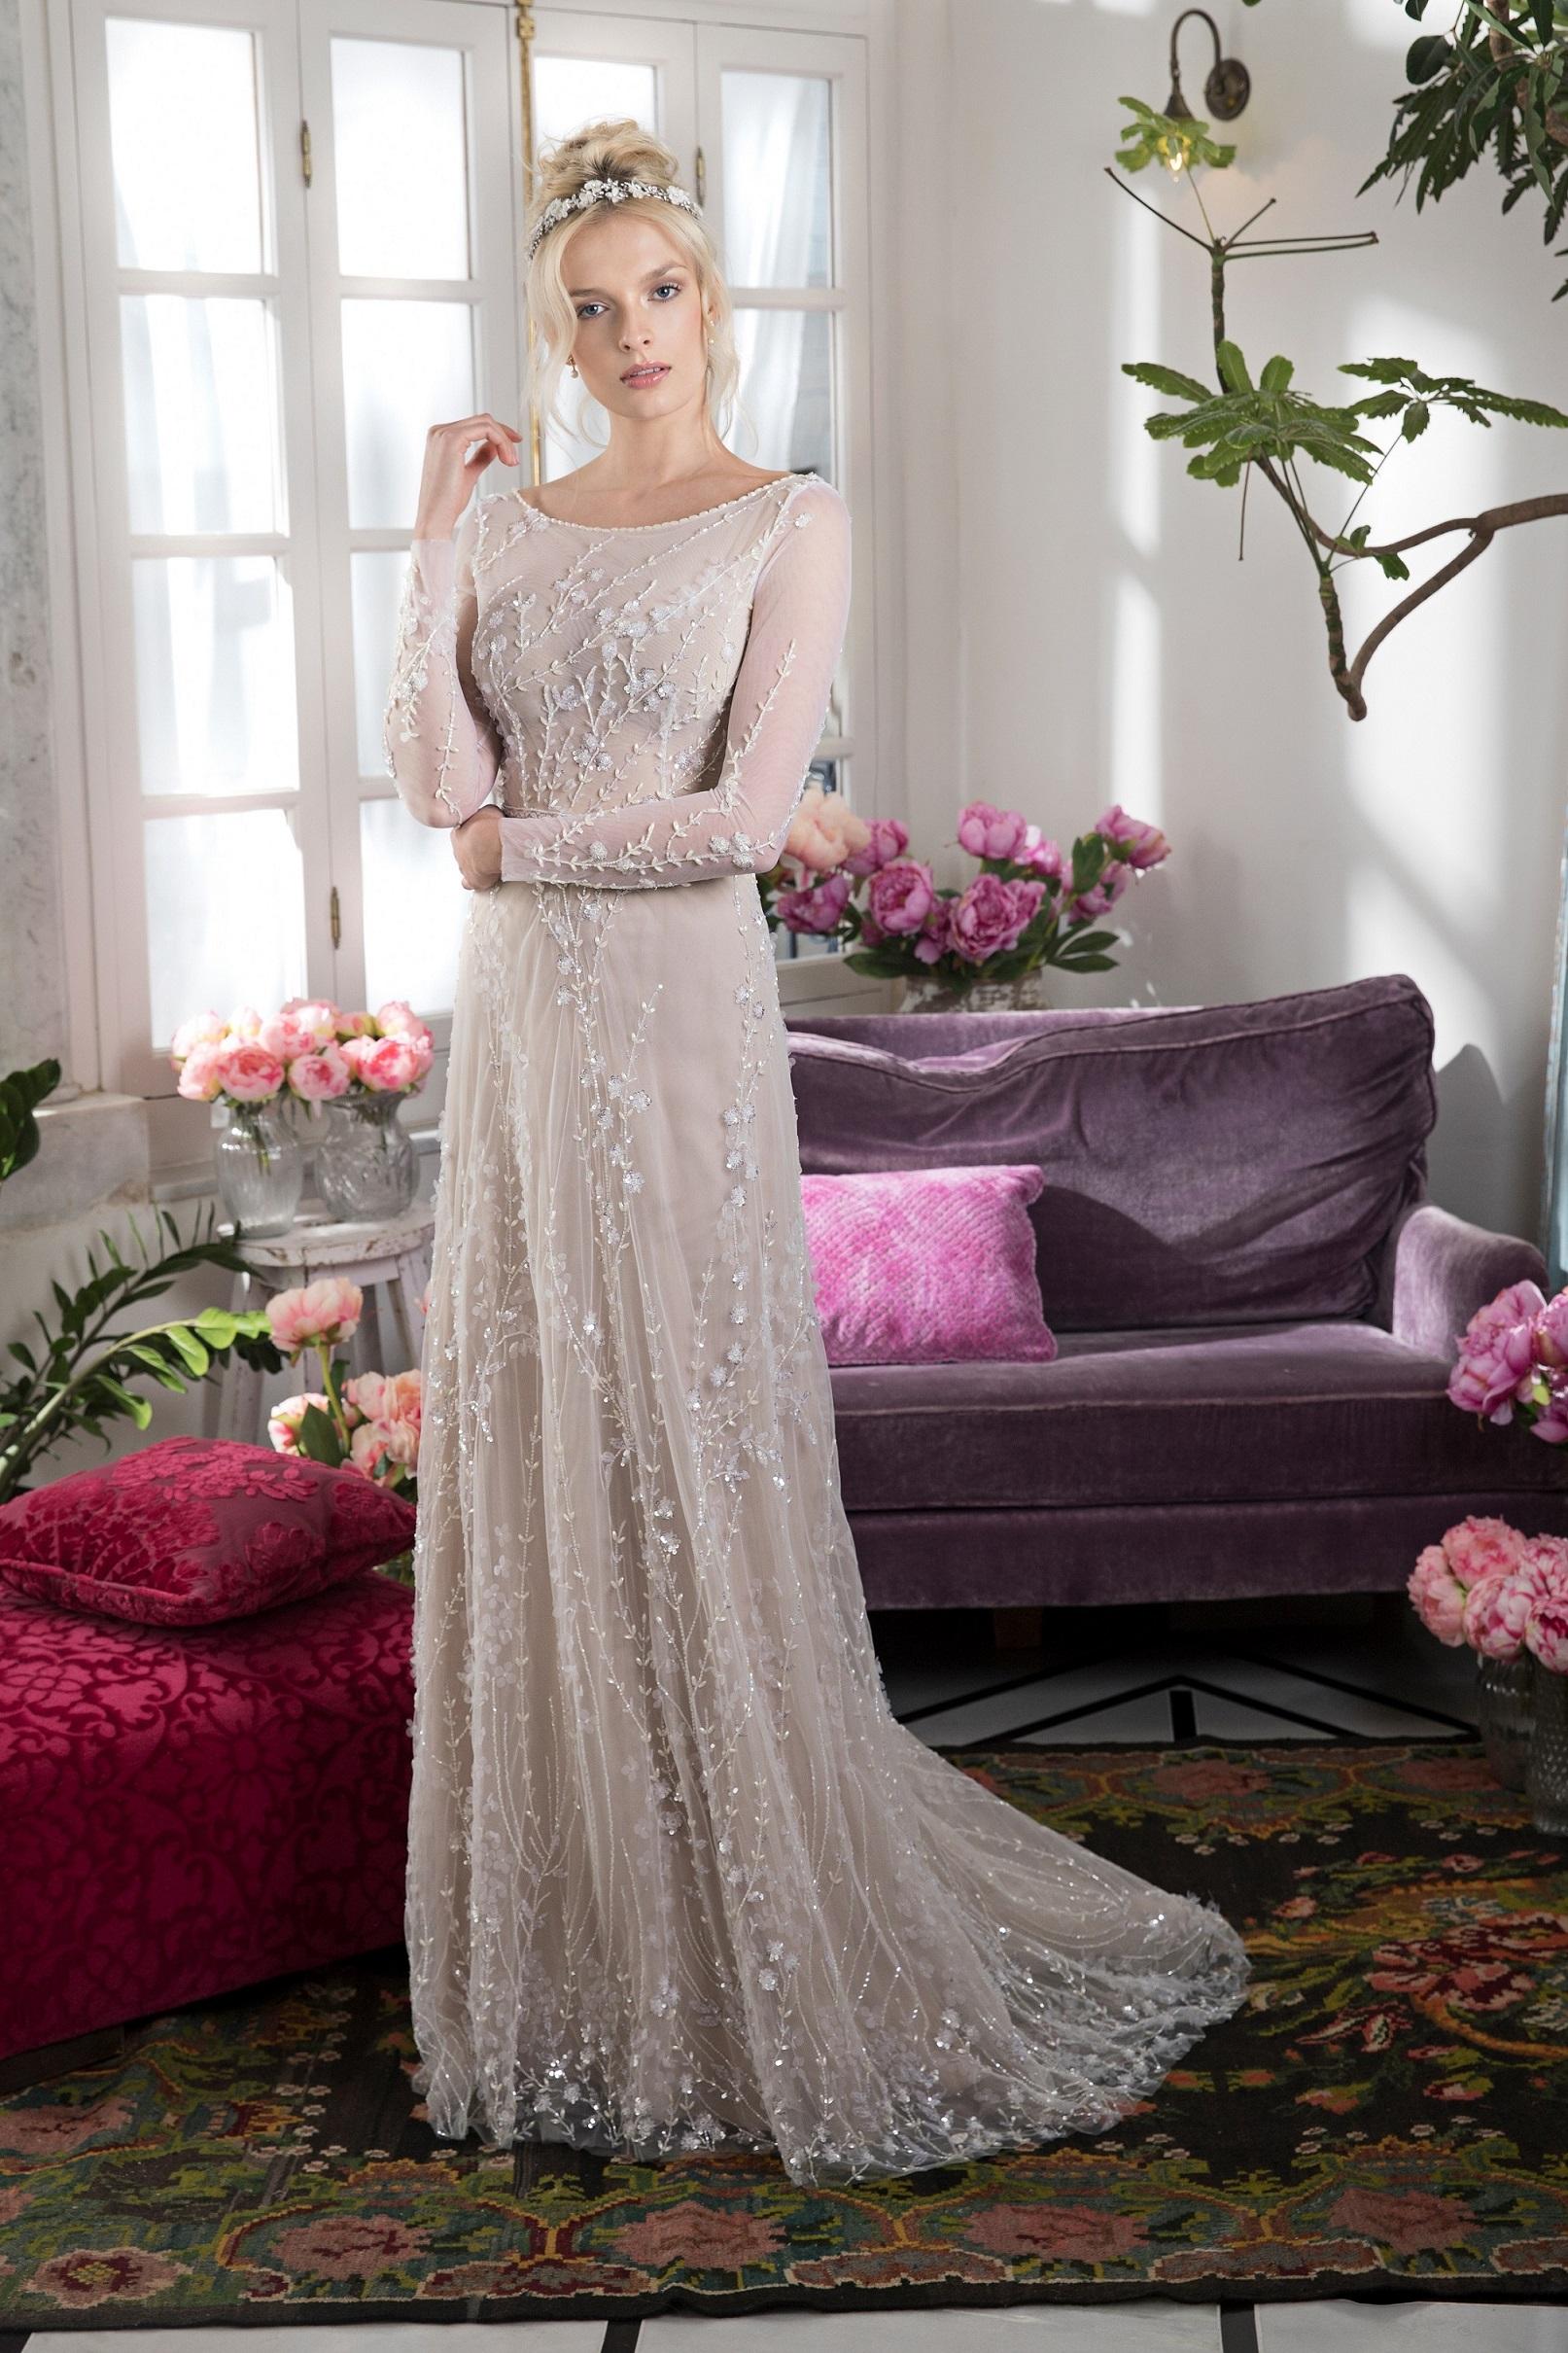 שמלה פרחונית עם תחרה תלת מיימדית של המעצבת אביטל ספורטה לבלוג כלות עם שיק, צלם שי יחזקאל